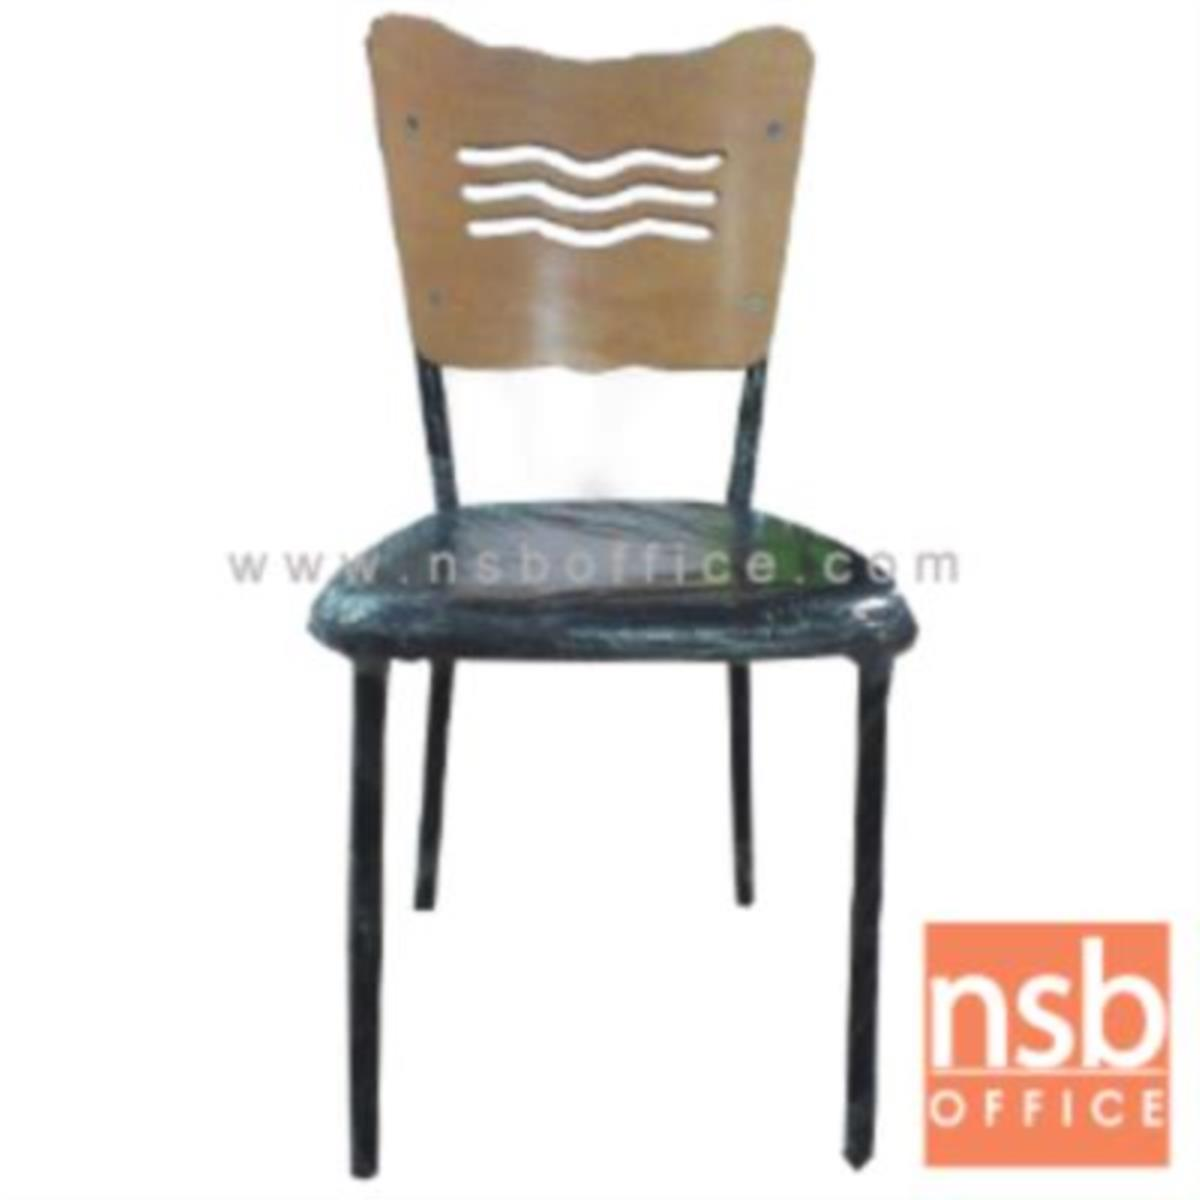 เก้าอี้อเนกประสงค์  รุ่น Sign (ไซน์)  ขาเหล็กพ่นดำ